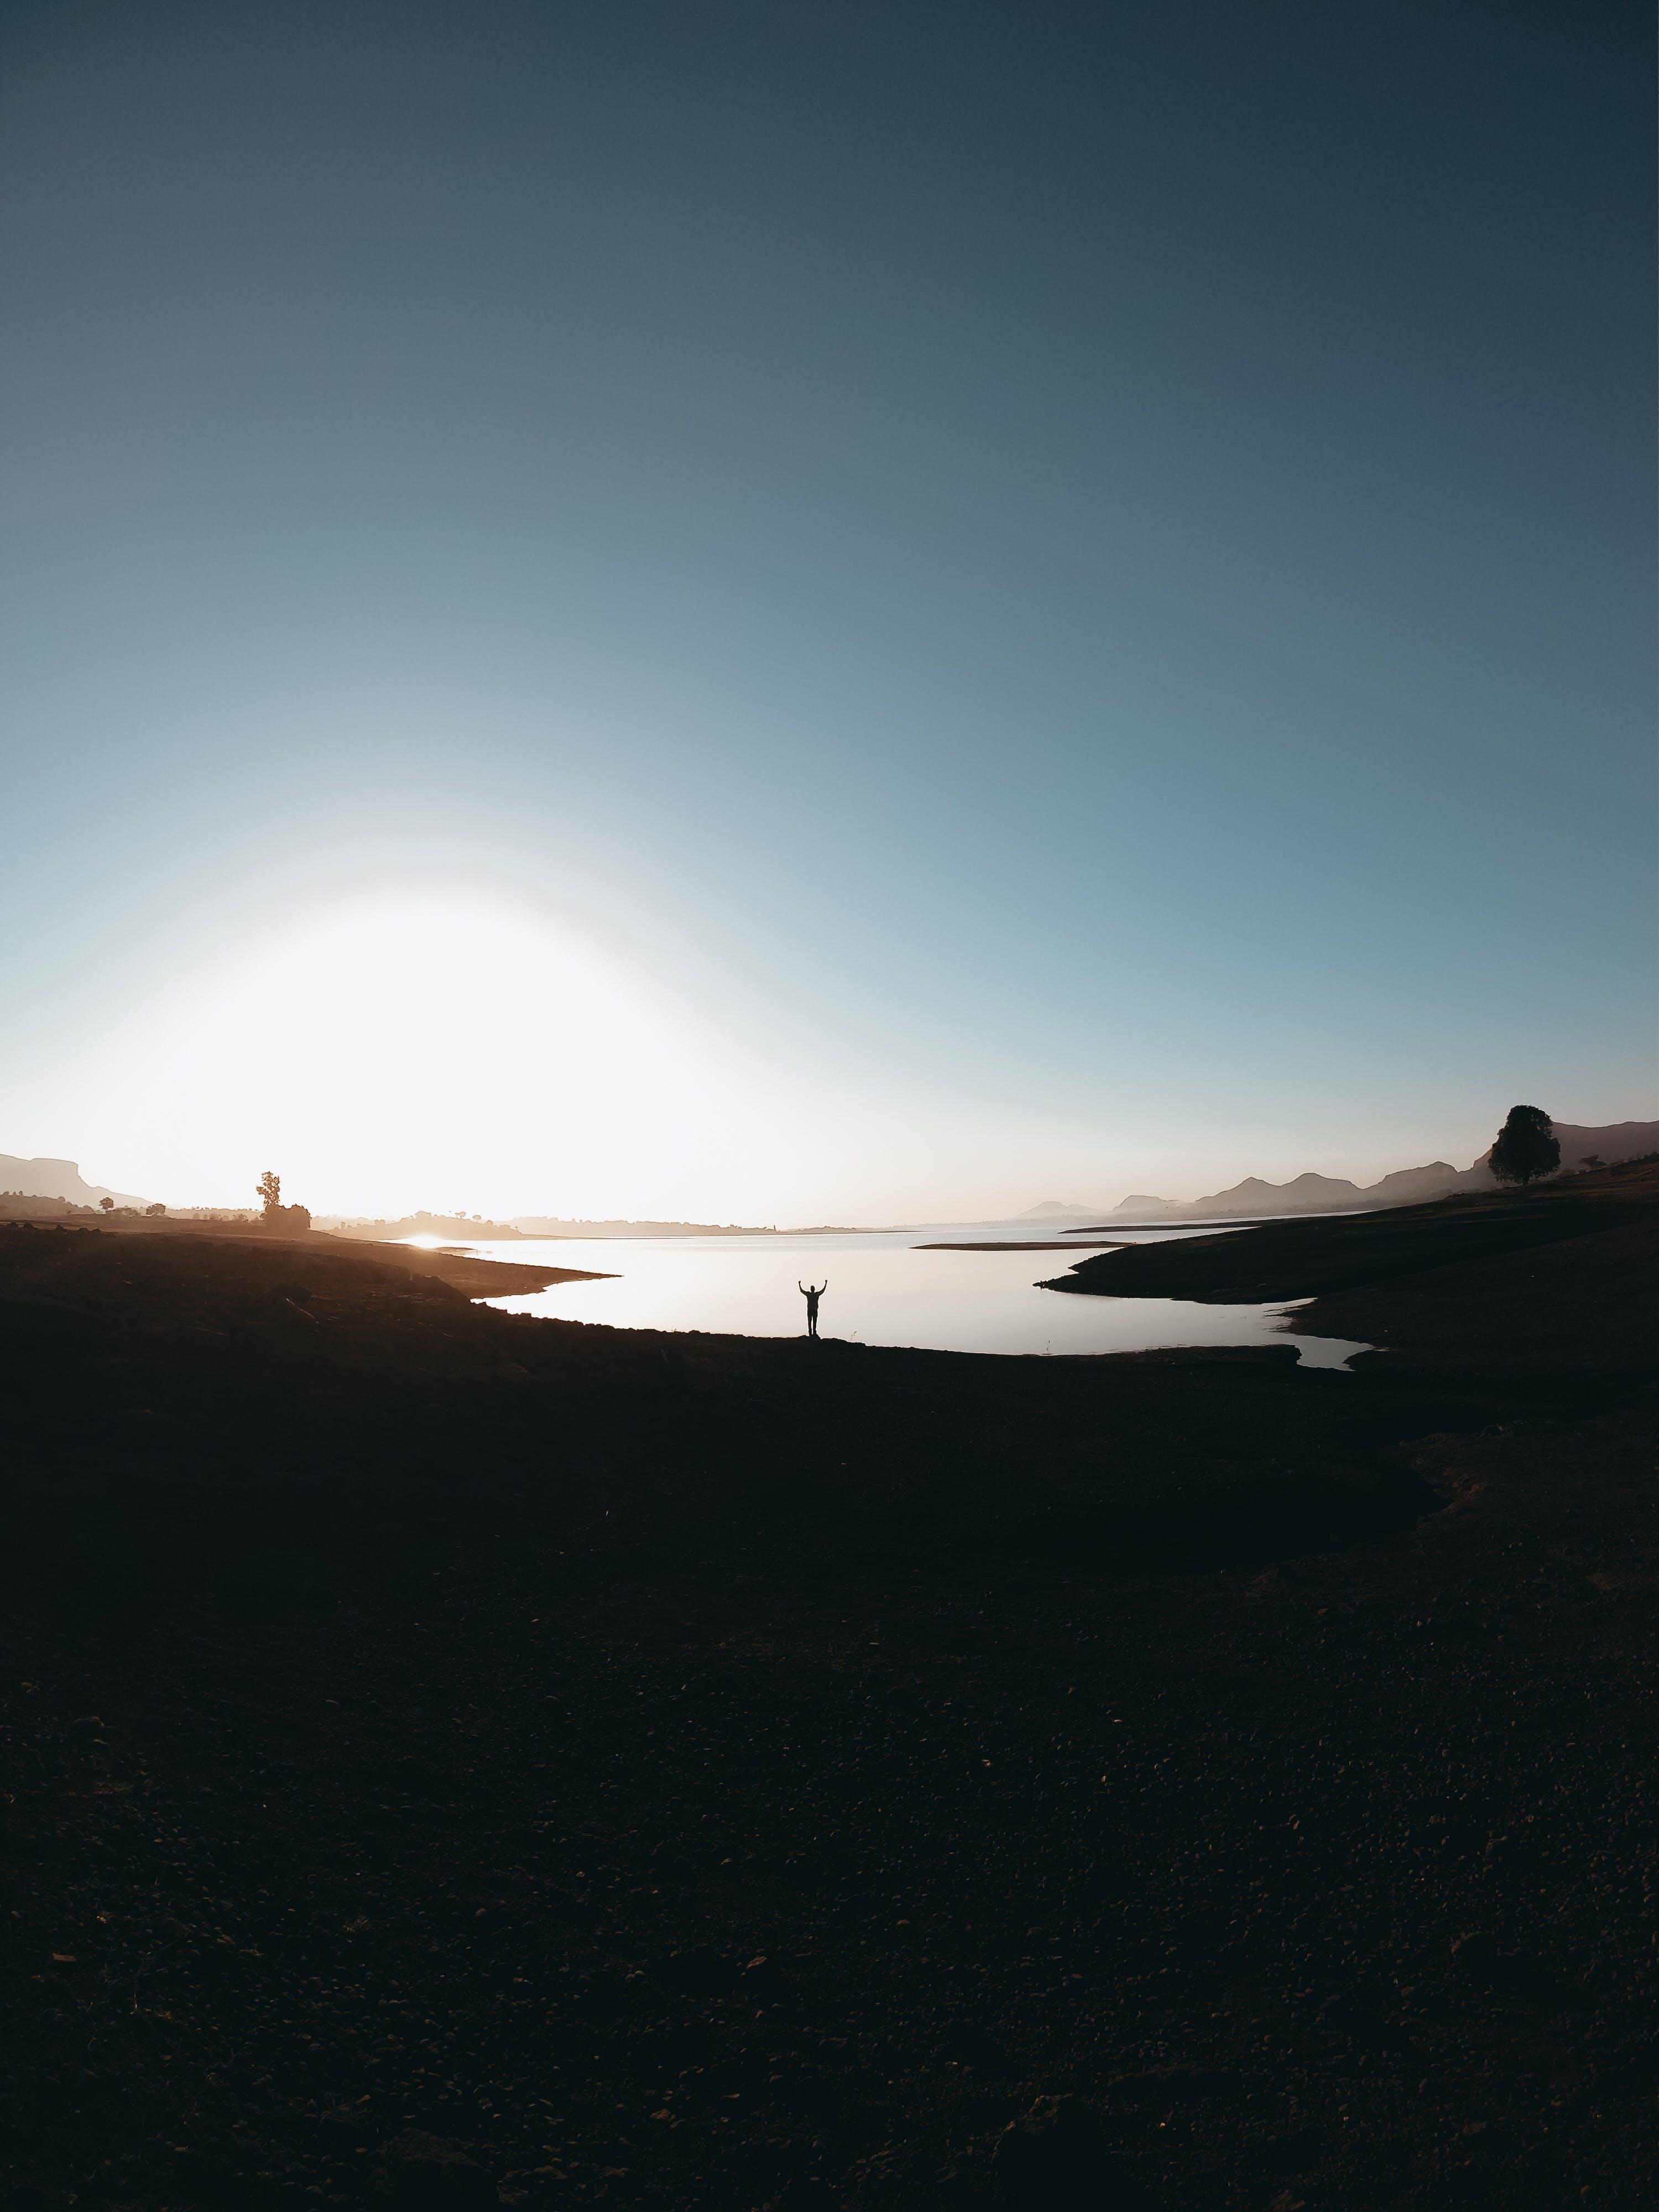 ナチュエ, 美しい風景の無料の写真素材